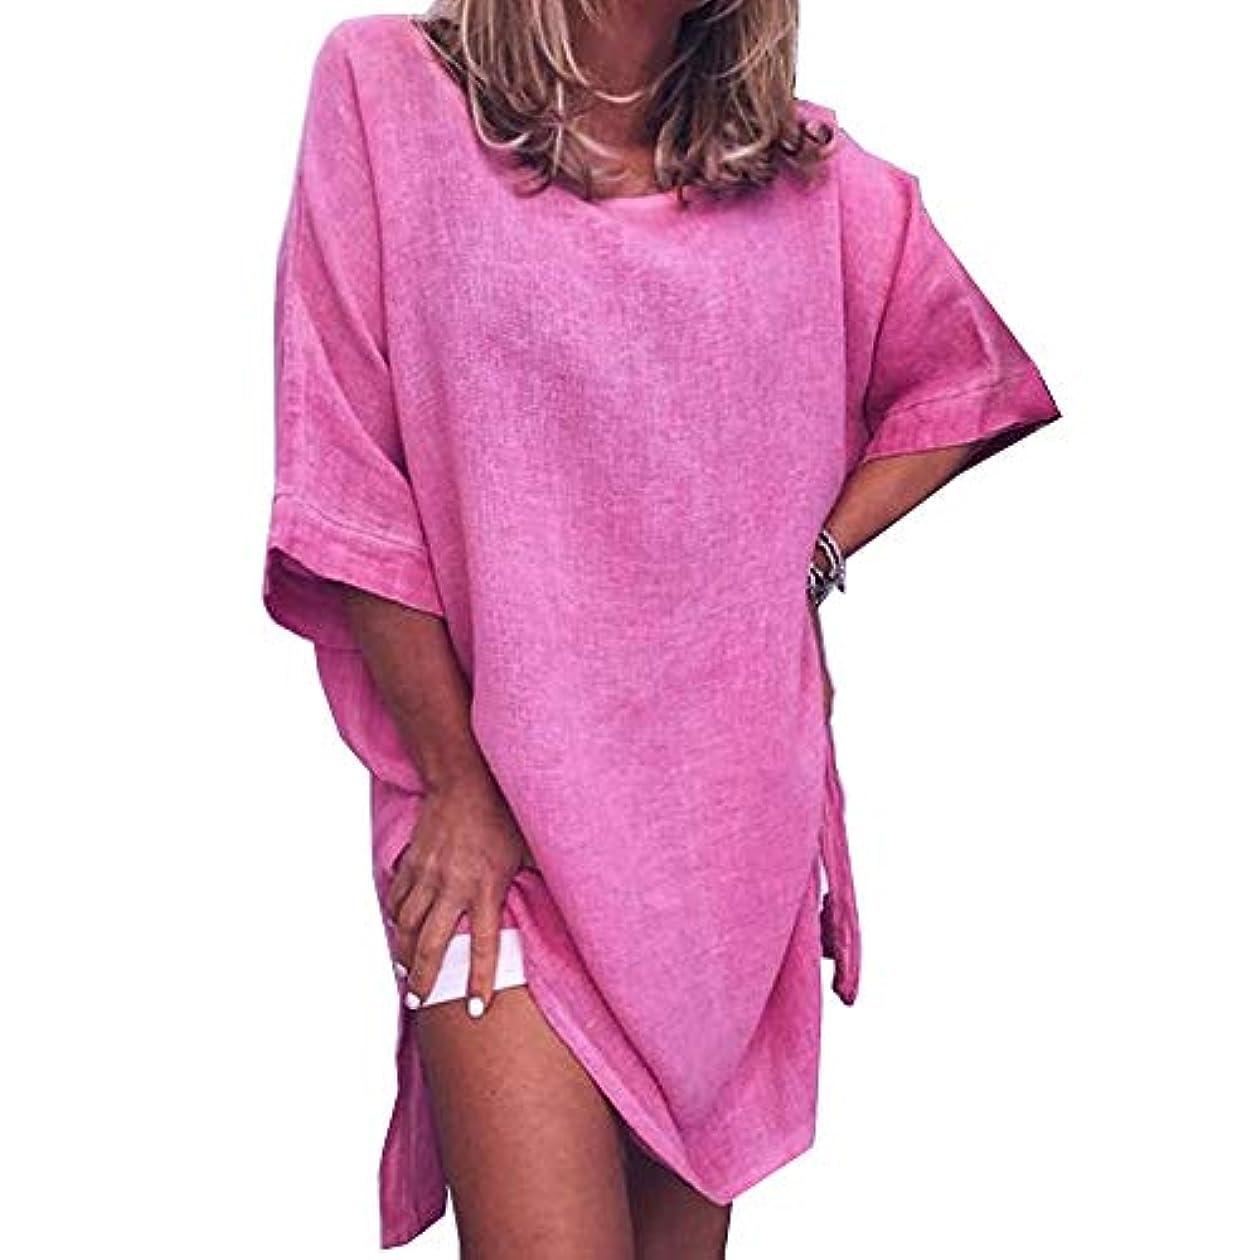 パフうめき扇動するMIFAN サマードレス、ビーチドレス、ルーズドレス、プラスサイズ、リネンドレス、トップス&ブラウス、女性ドレス、カジュアルドレス